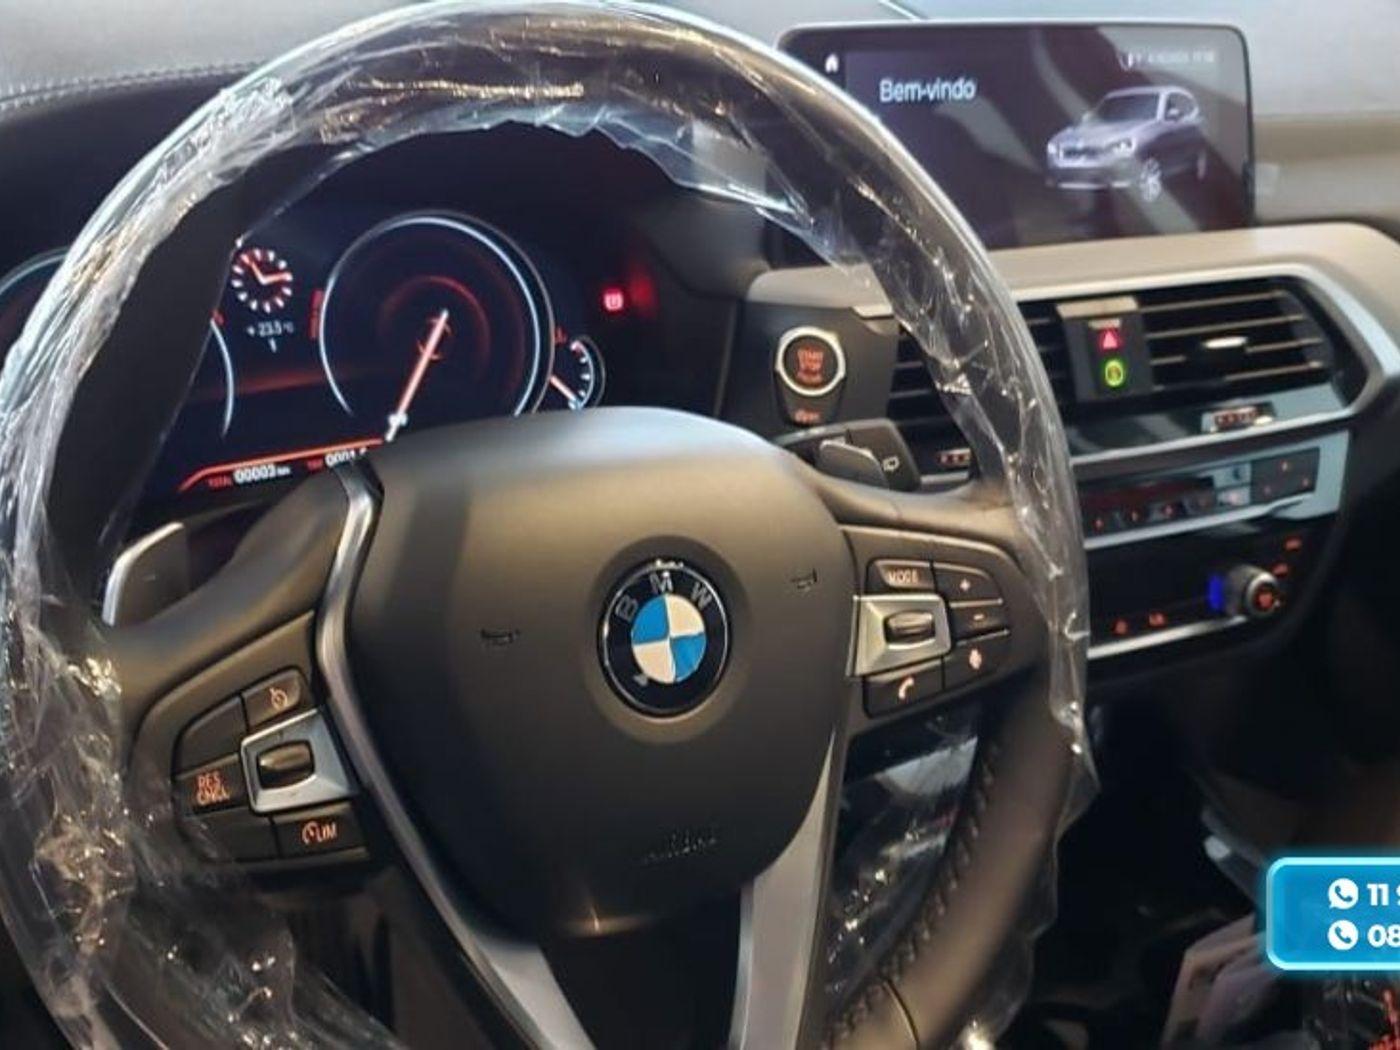 BMW X3 XDRIVE 30i X-Line 2.0 Turbo 252cv Aut